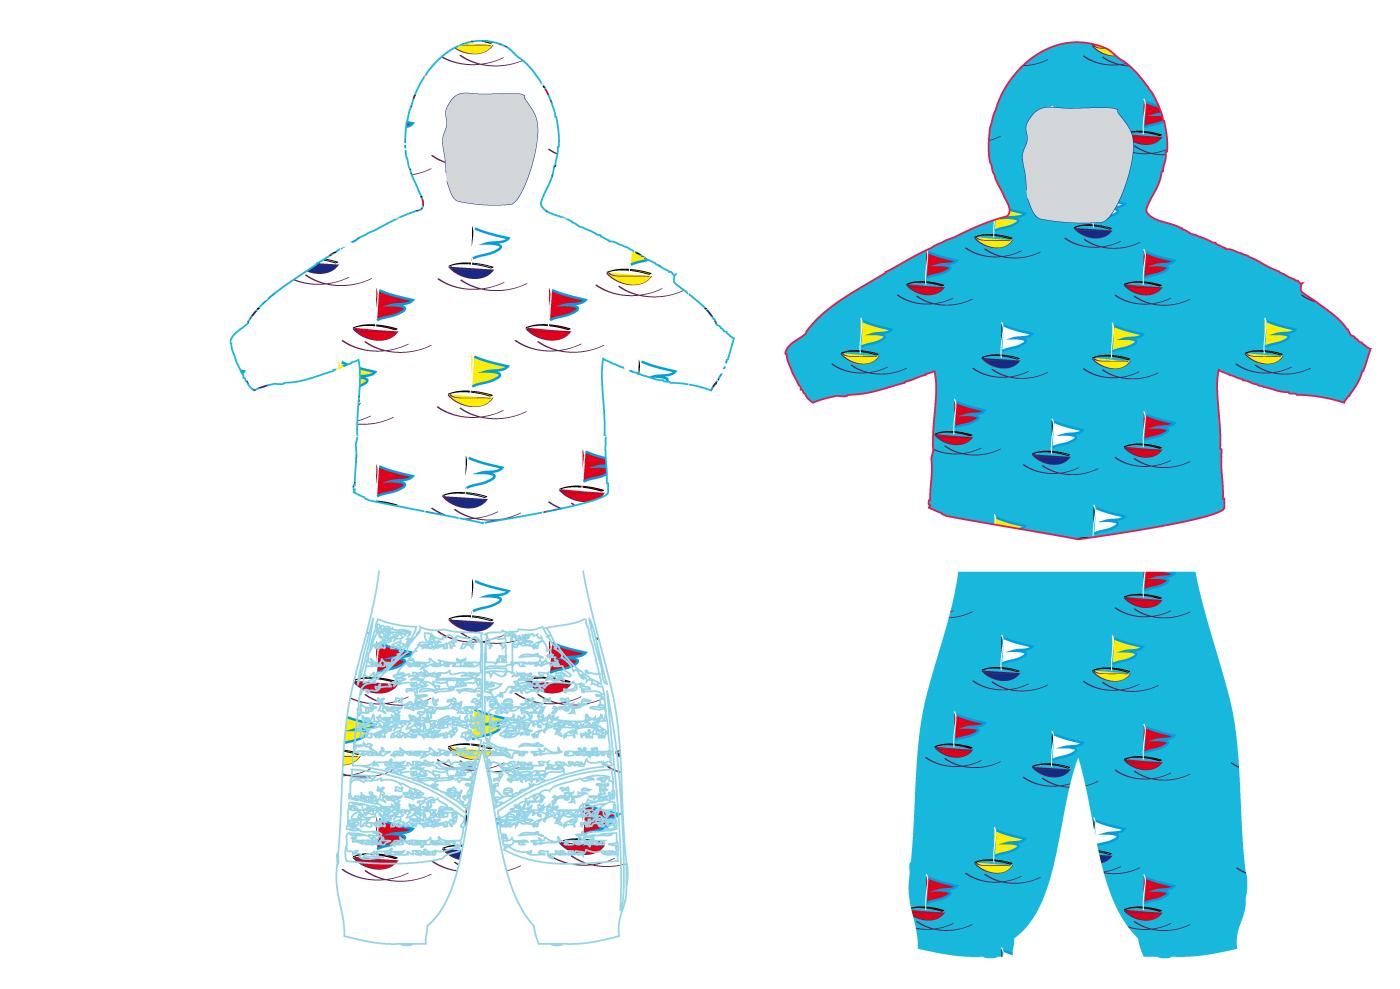 нарисовать дизайн ткани ( верхней детской одежды) фото f_2915ca7a8b764cc1.jpg